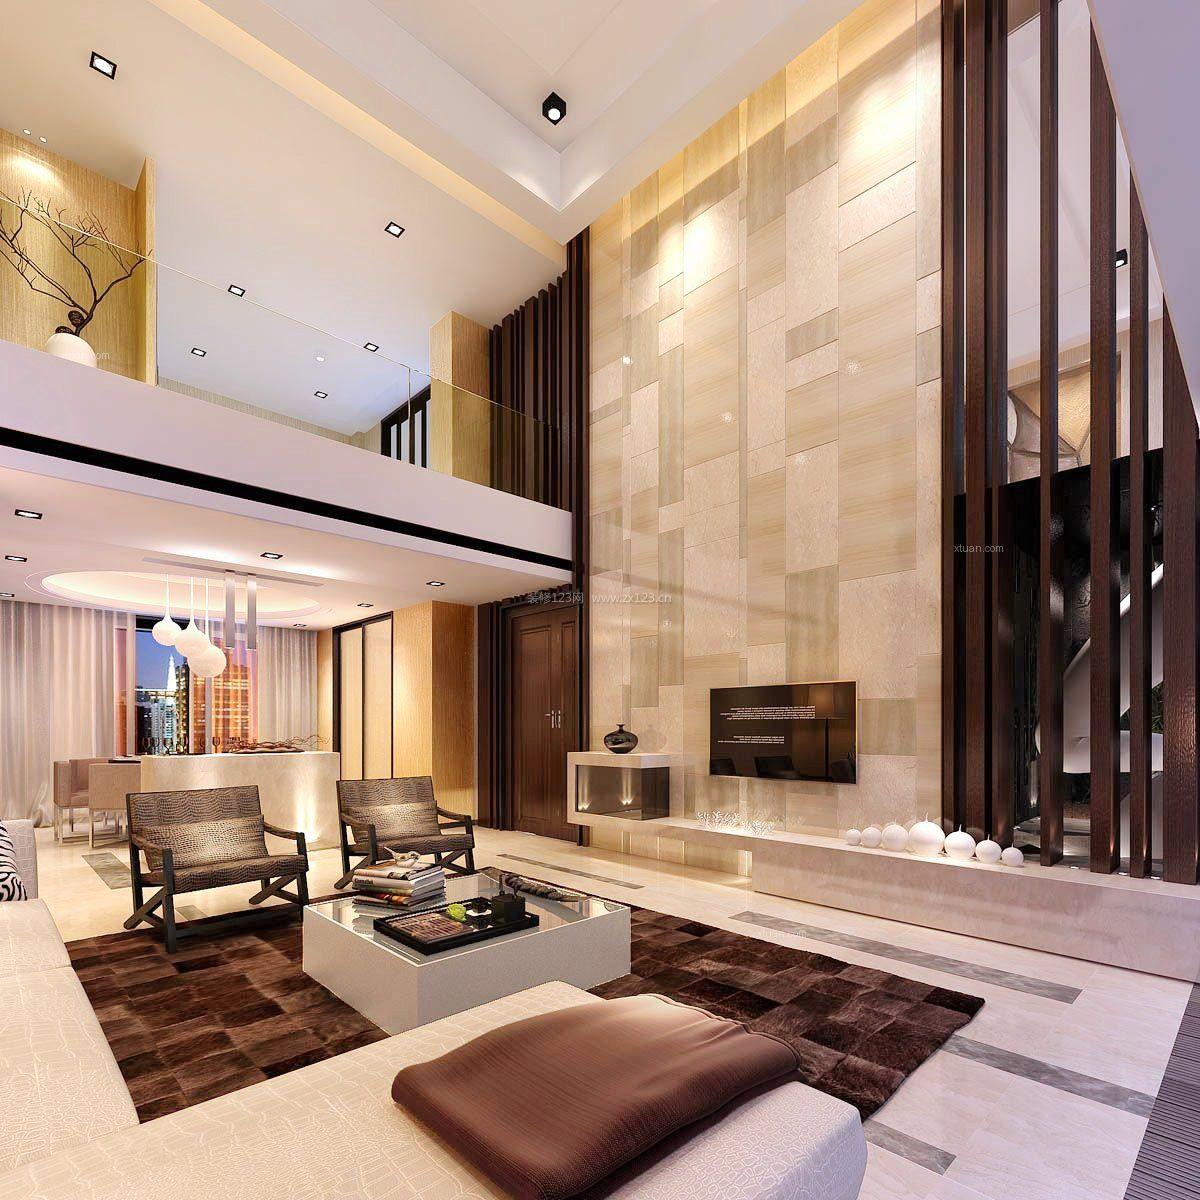 2017现代混搭复式楼客厅装修图片_装修123效果图图片